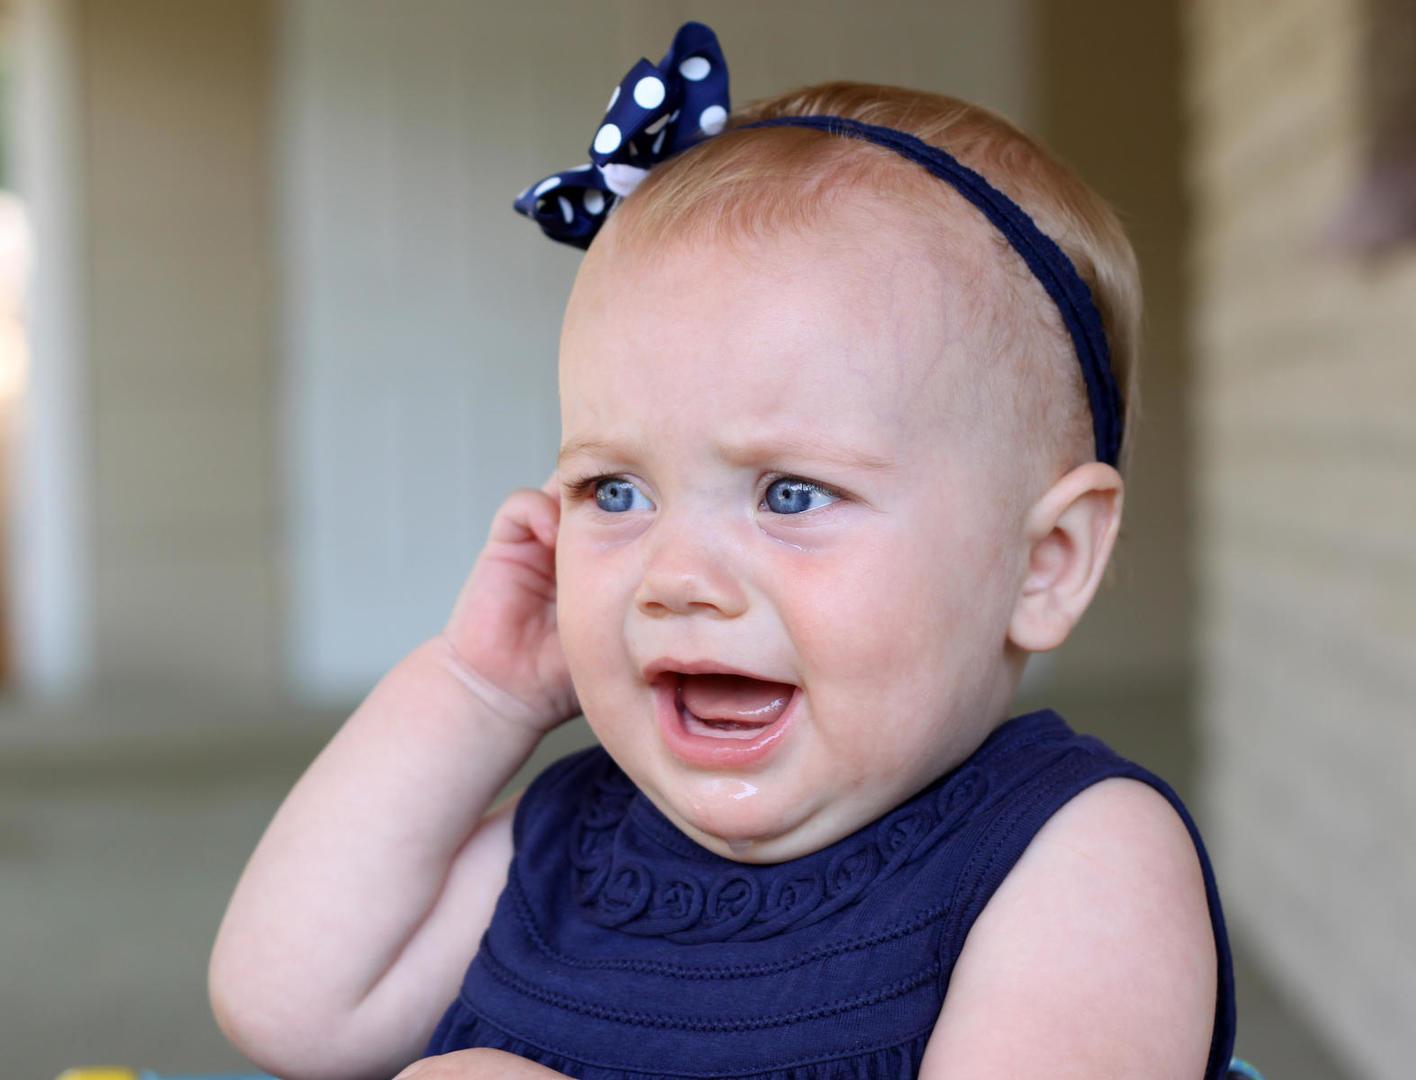 گوش درد نوزاد چه دلایلی دارد و راه درمان این عارضه چیست؟